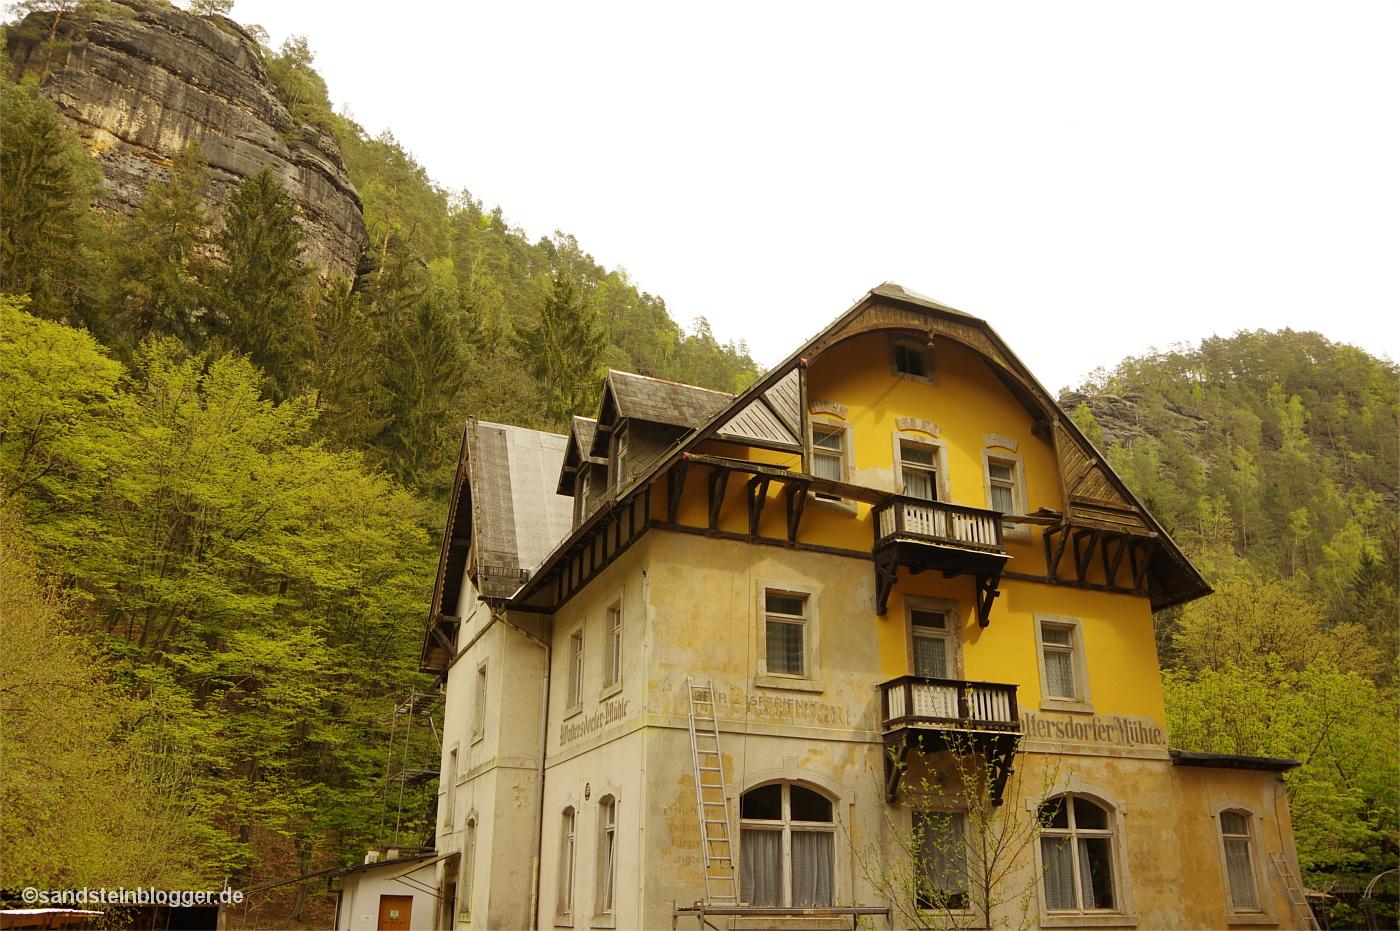 Altes Gasthaus, dahinter Sandsteinfelsen